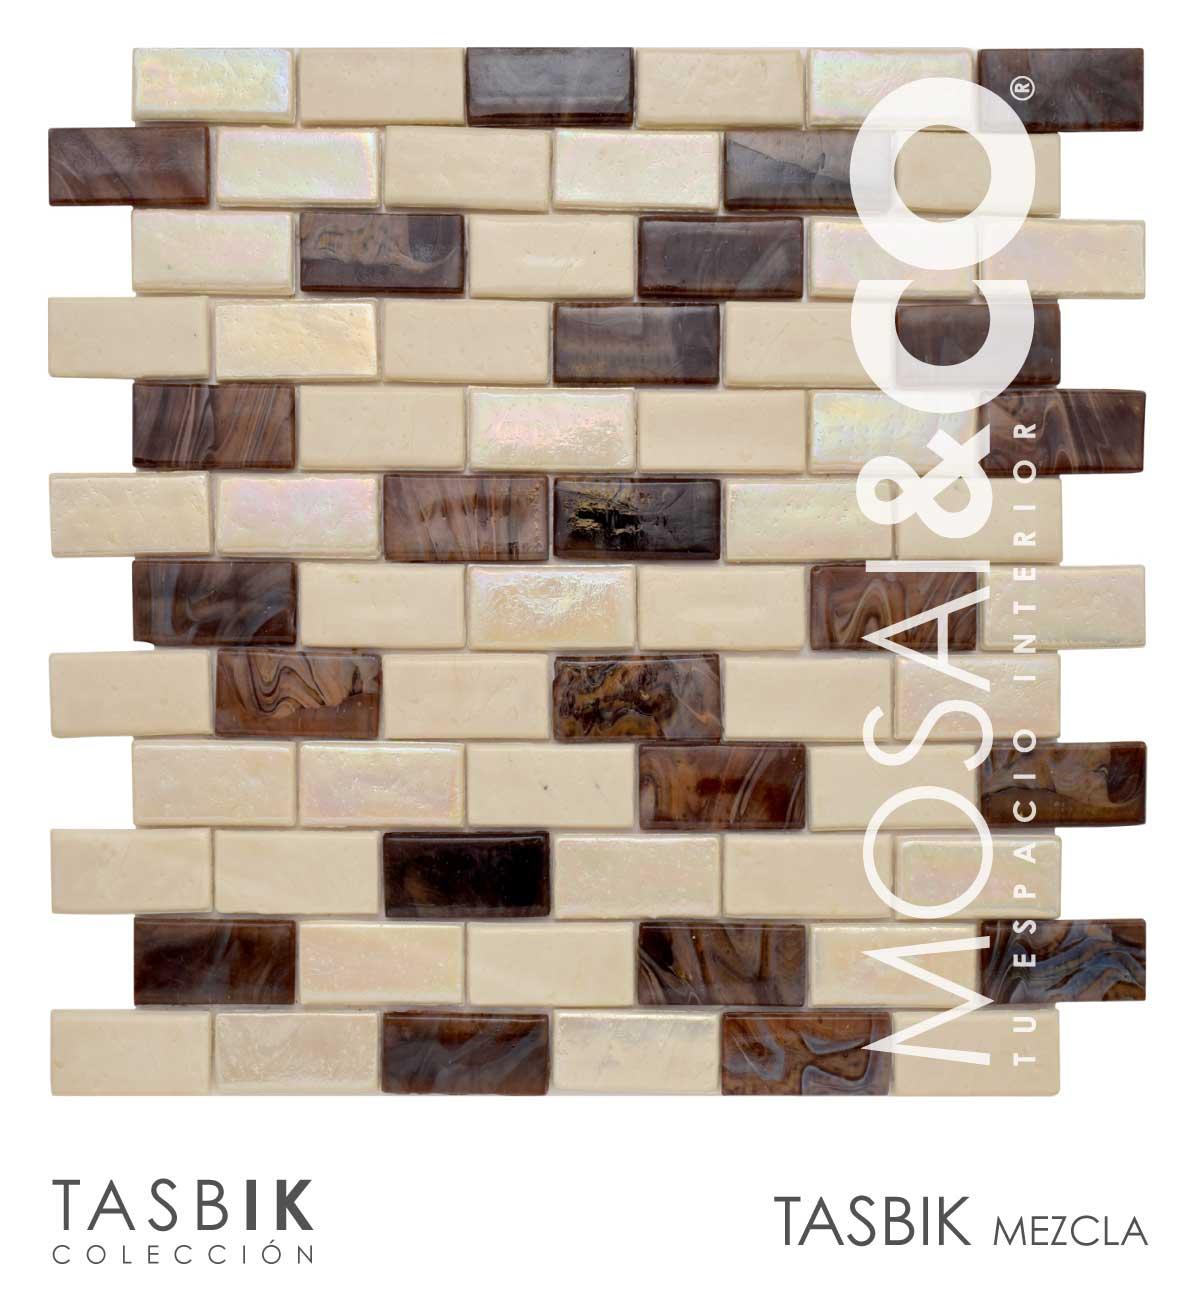 mosaico-interiores-mosaiandco-tasbik-tasbik-mezcla